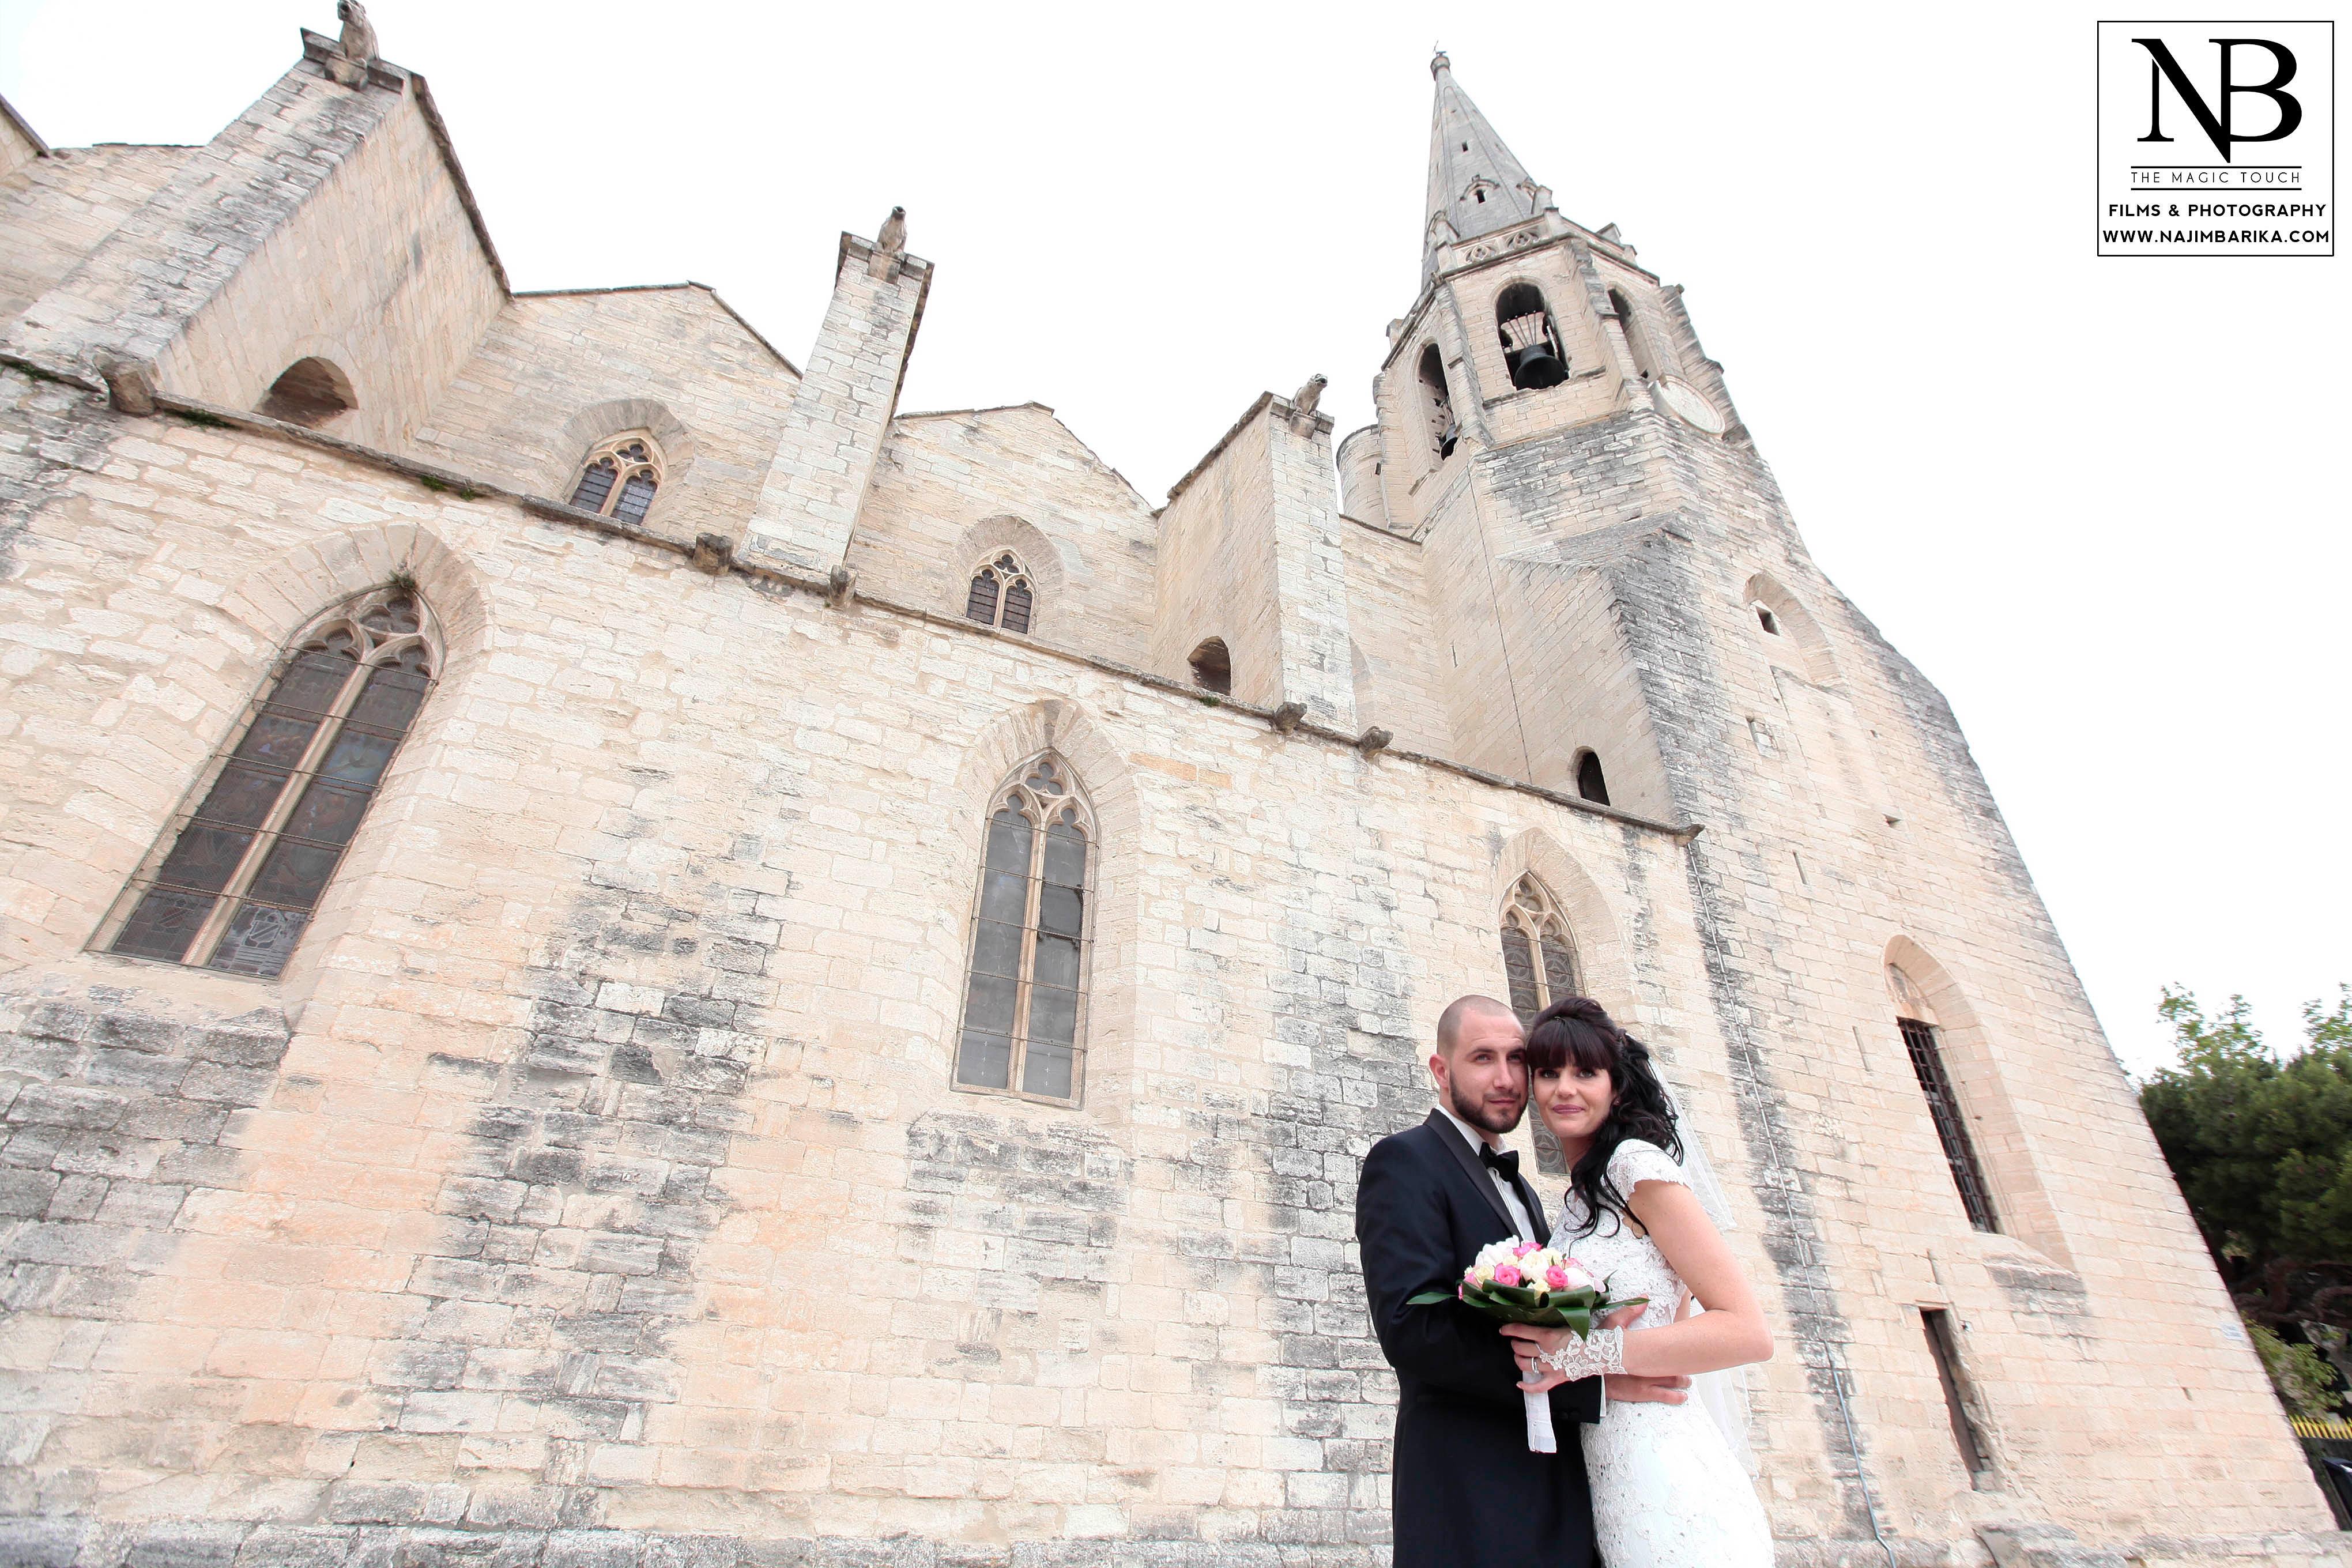 cameraman mariage photographe videaste avignon - Cameraman Mariage Marseille